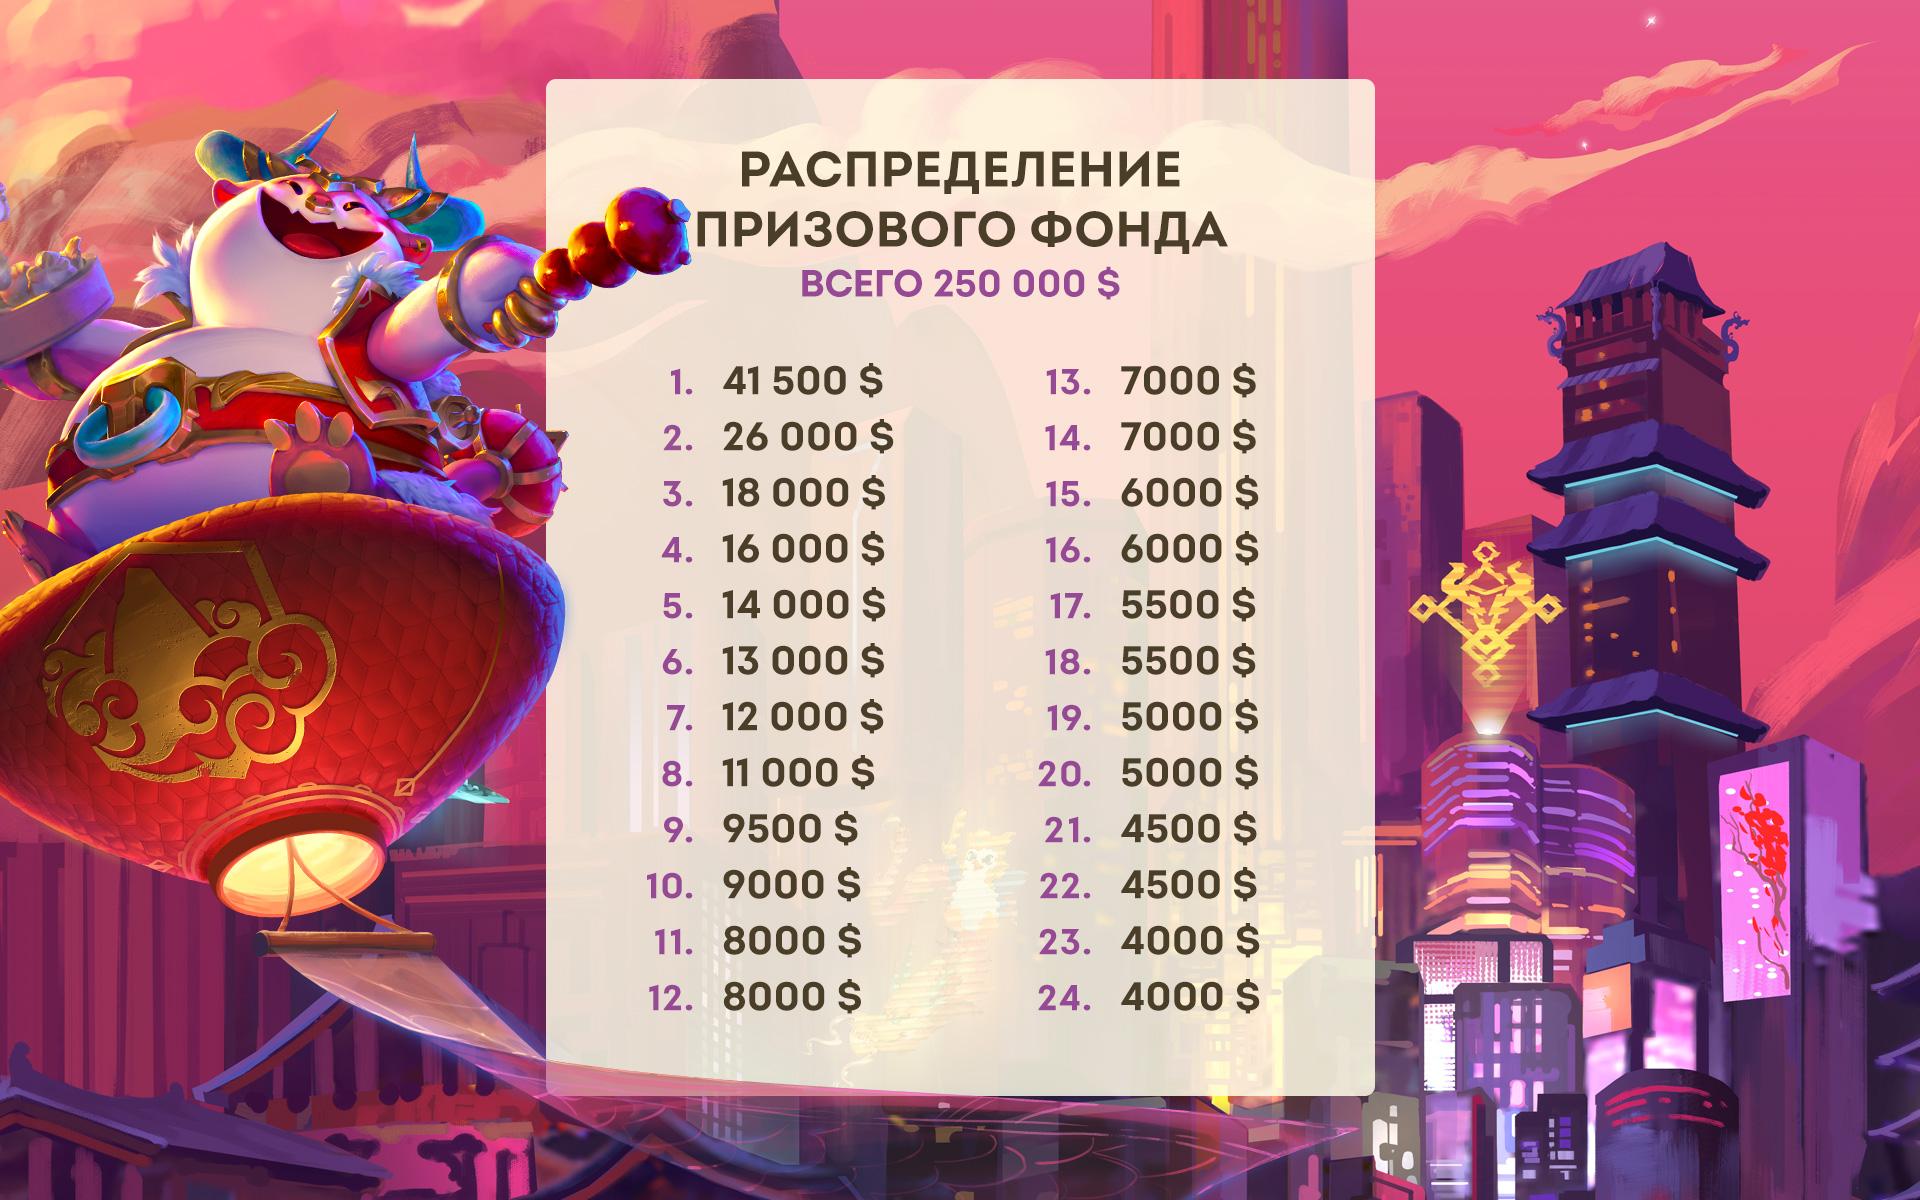 03-Prize_Pool_RU.jpg